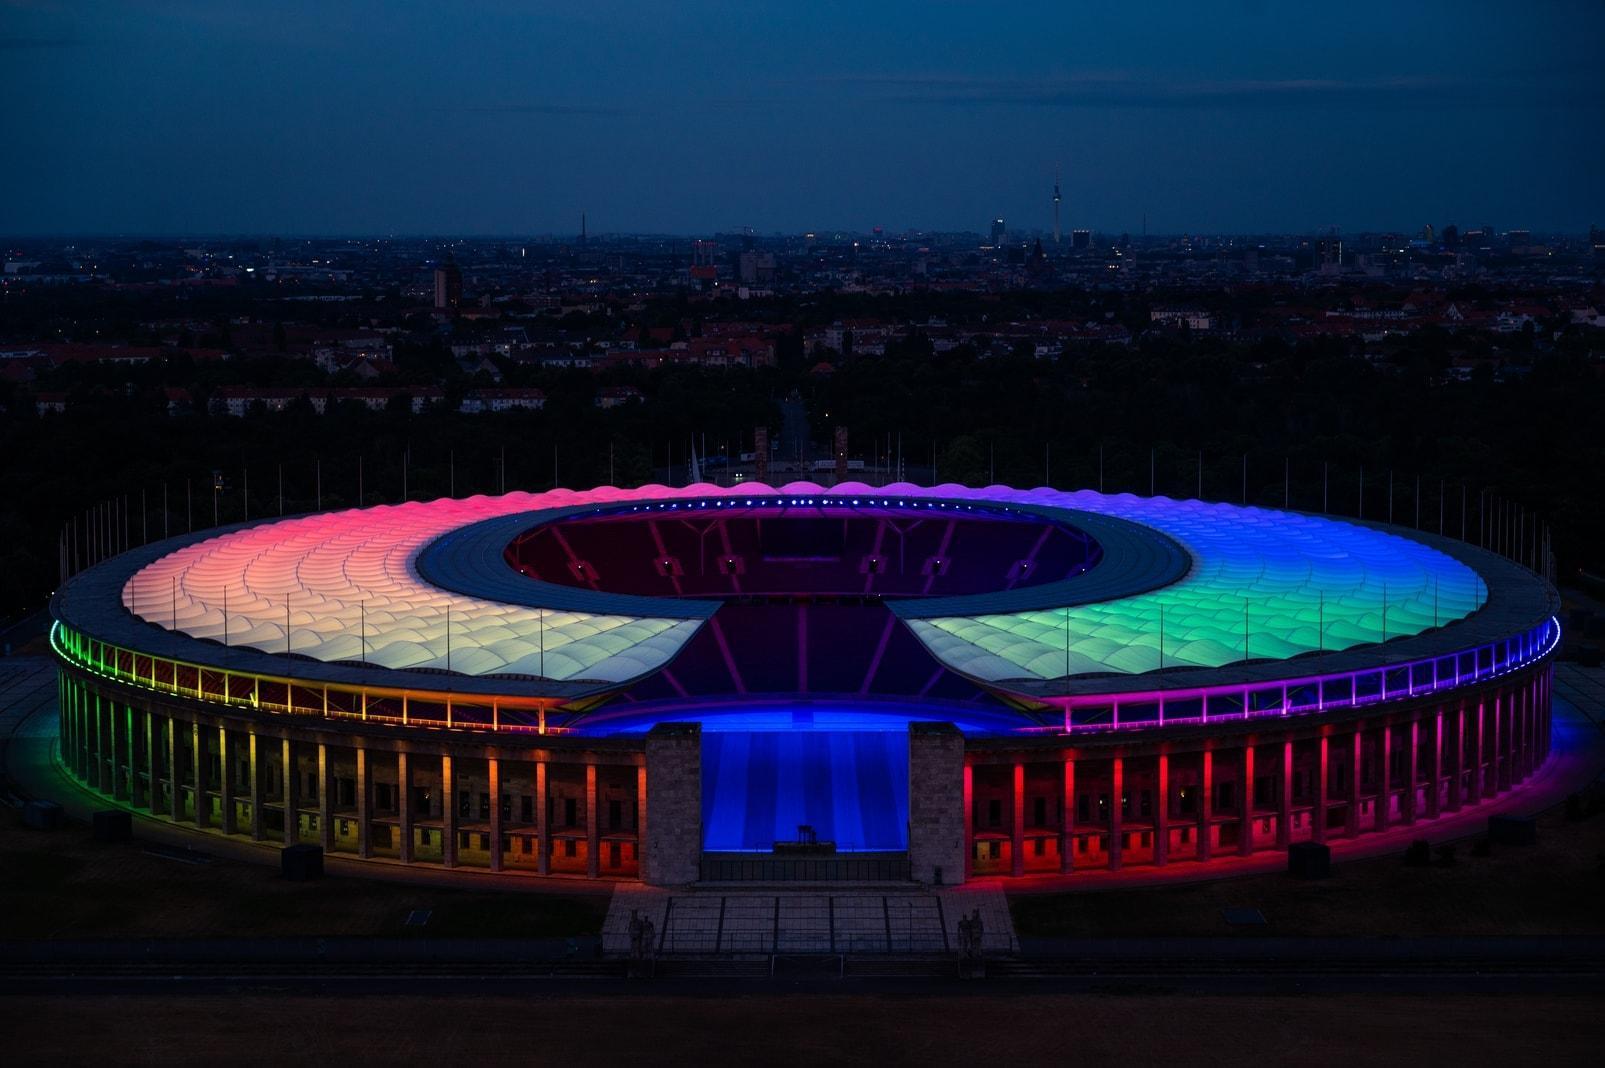 Regenbogen Berlin Olympiastadion